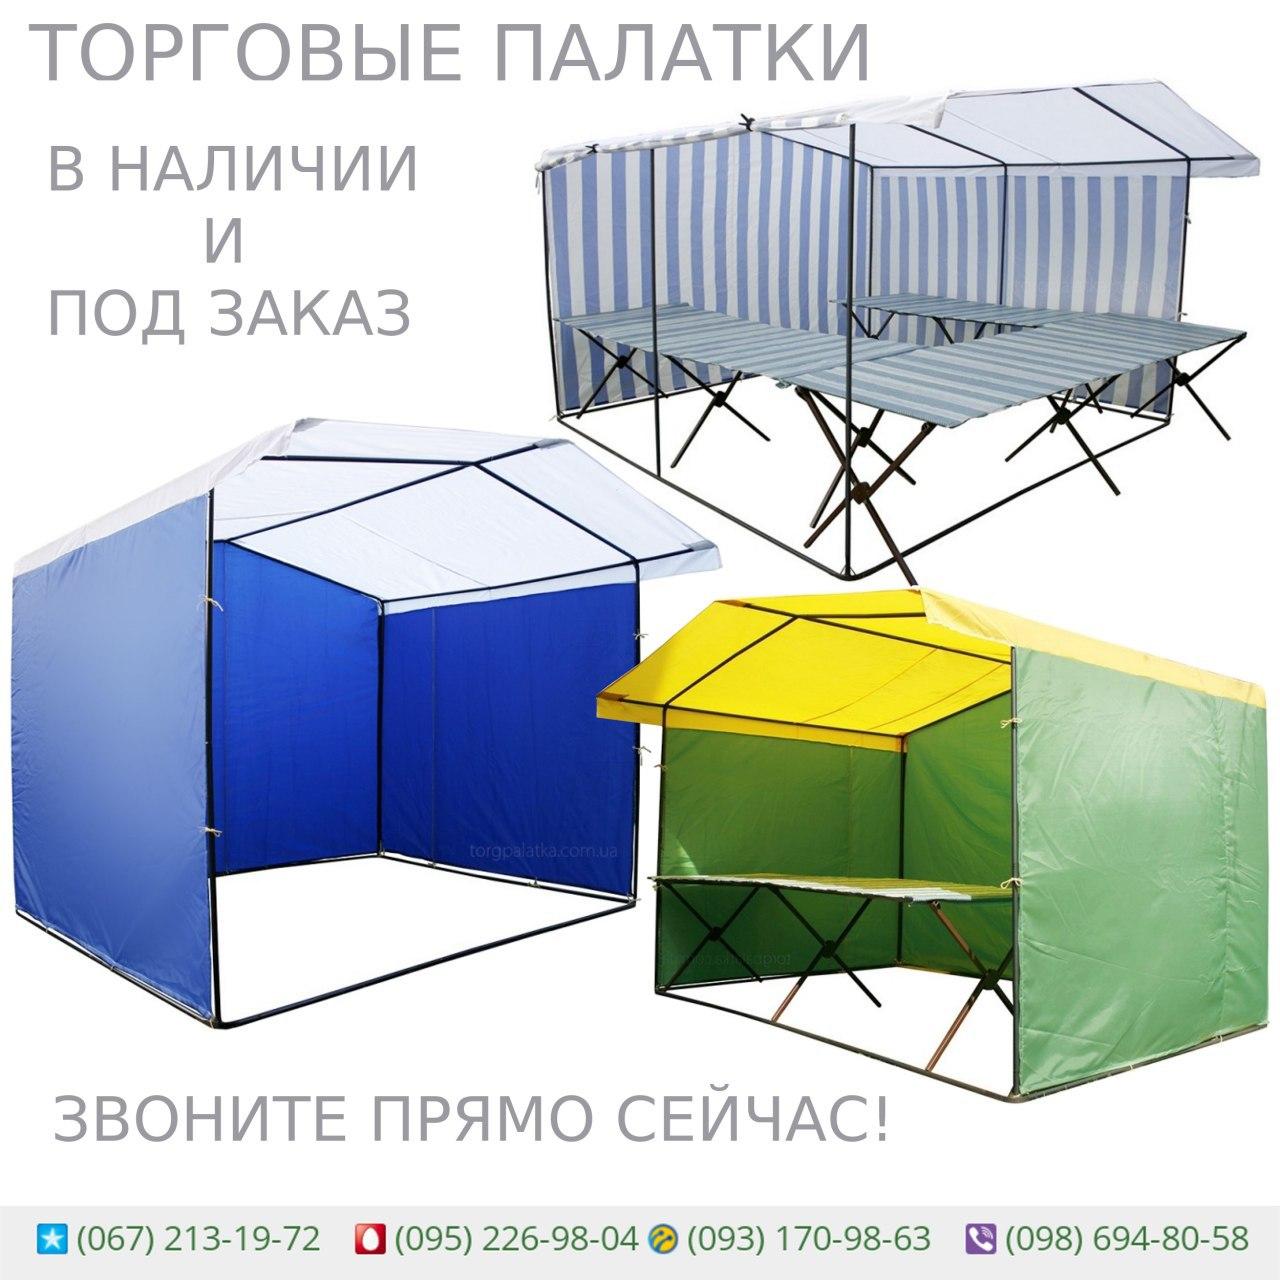 Продажа торговых палаток из наличия и под заказ